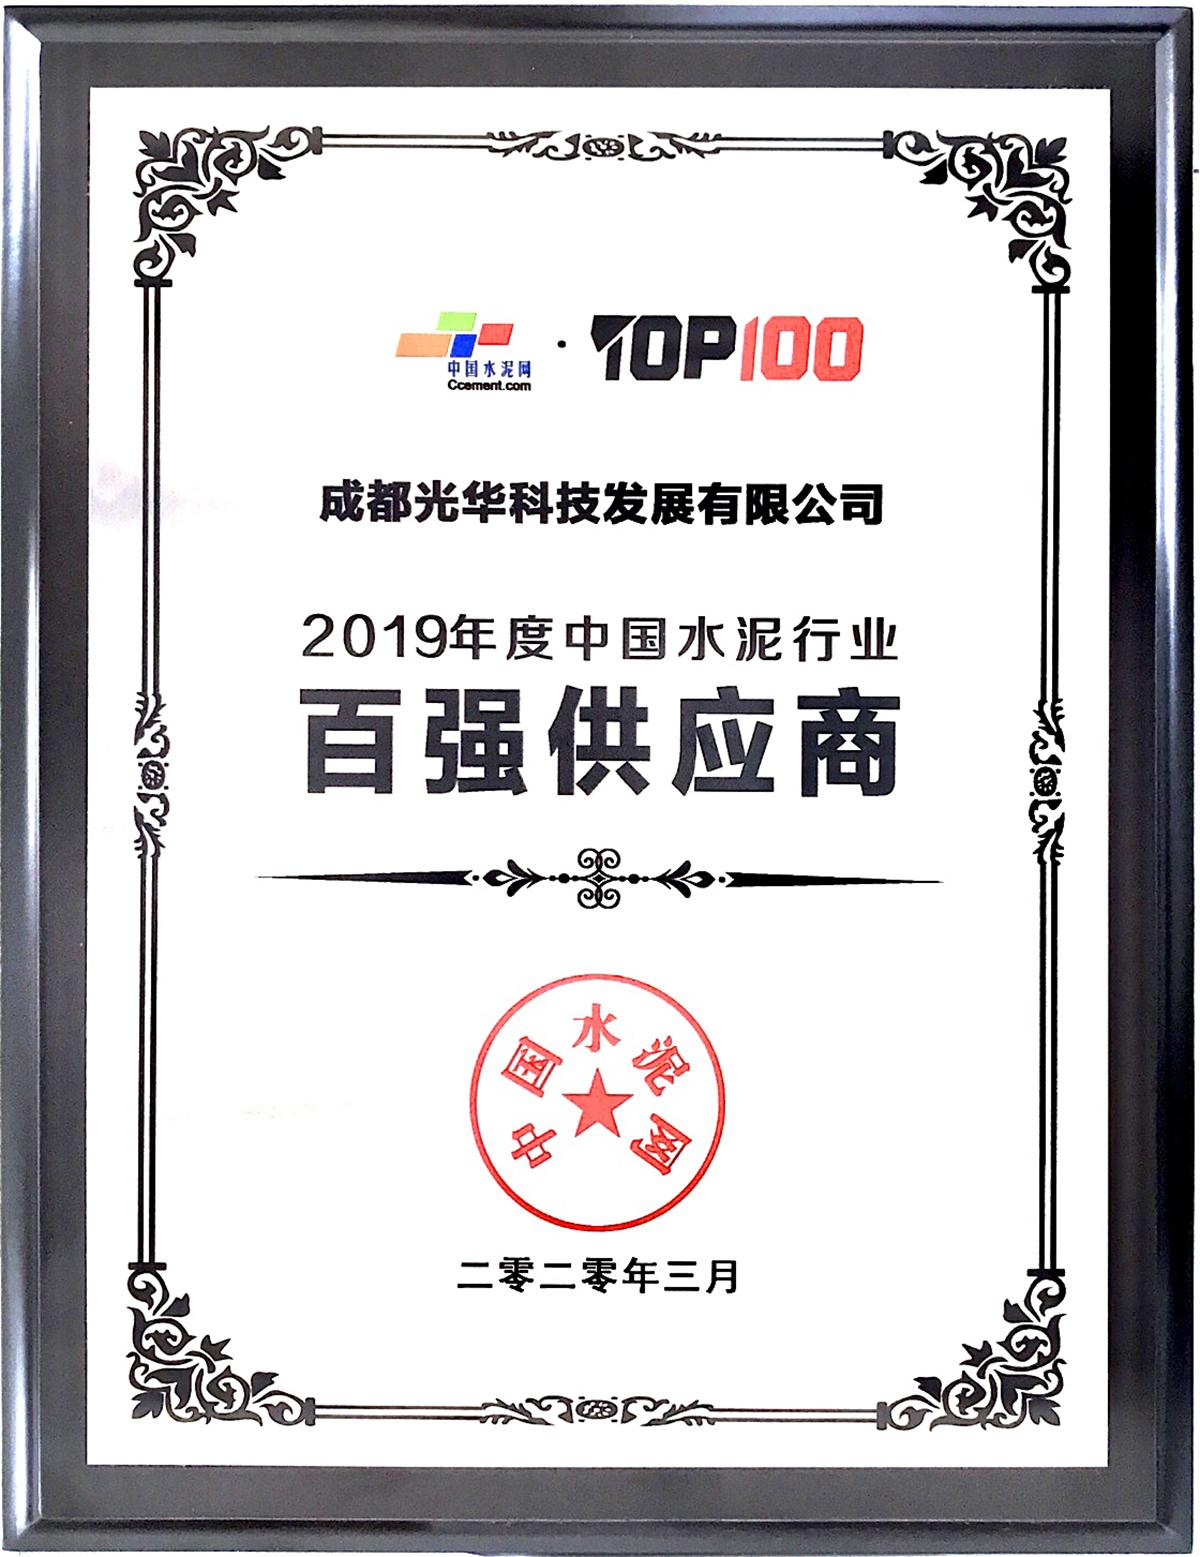 2019年度中國水泥行業百強供應商